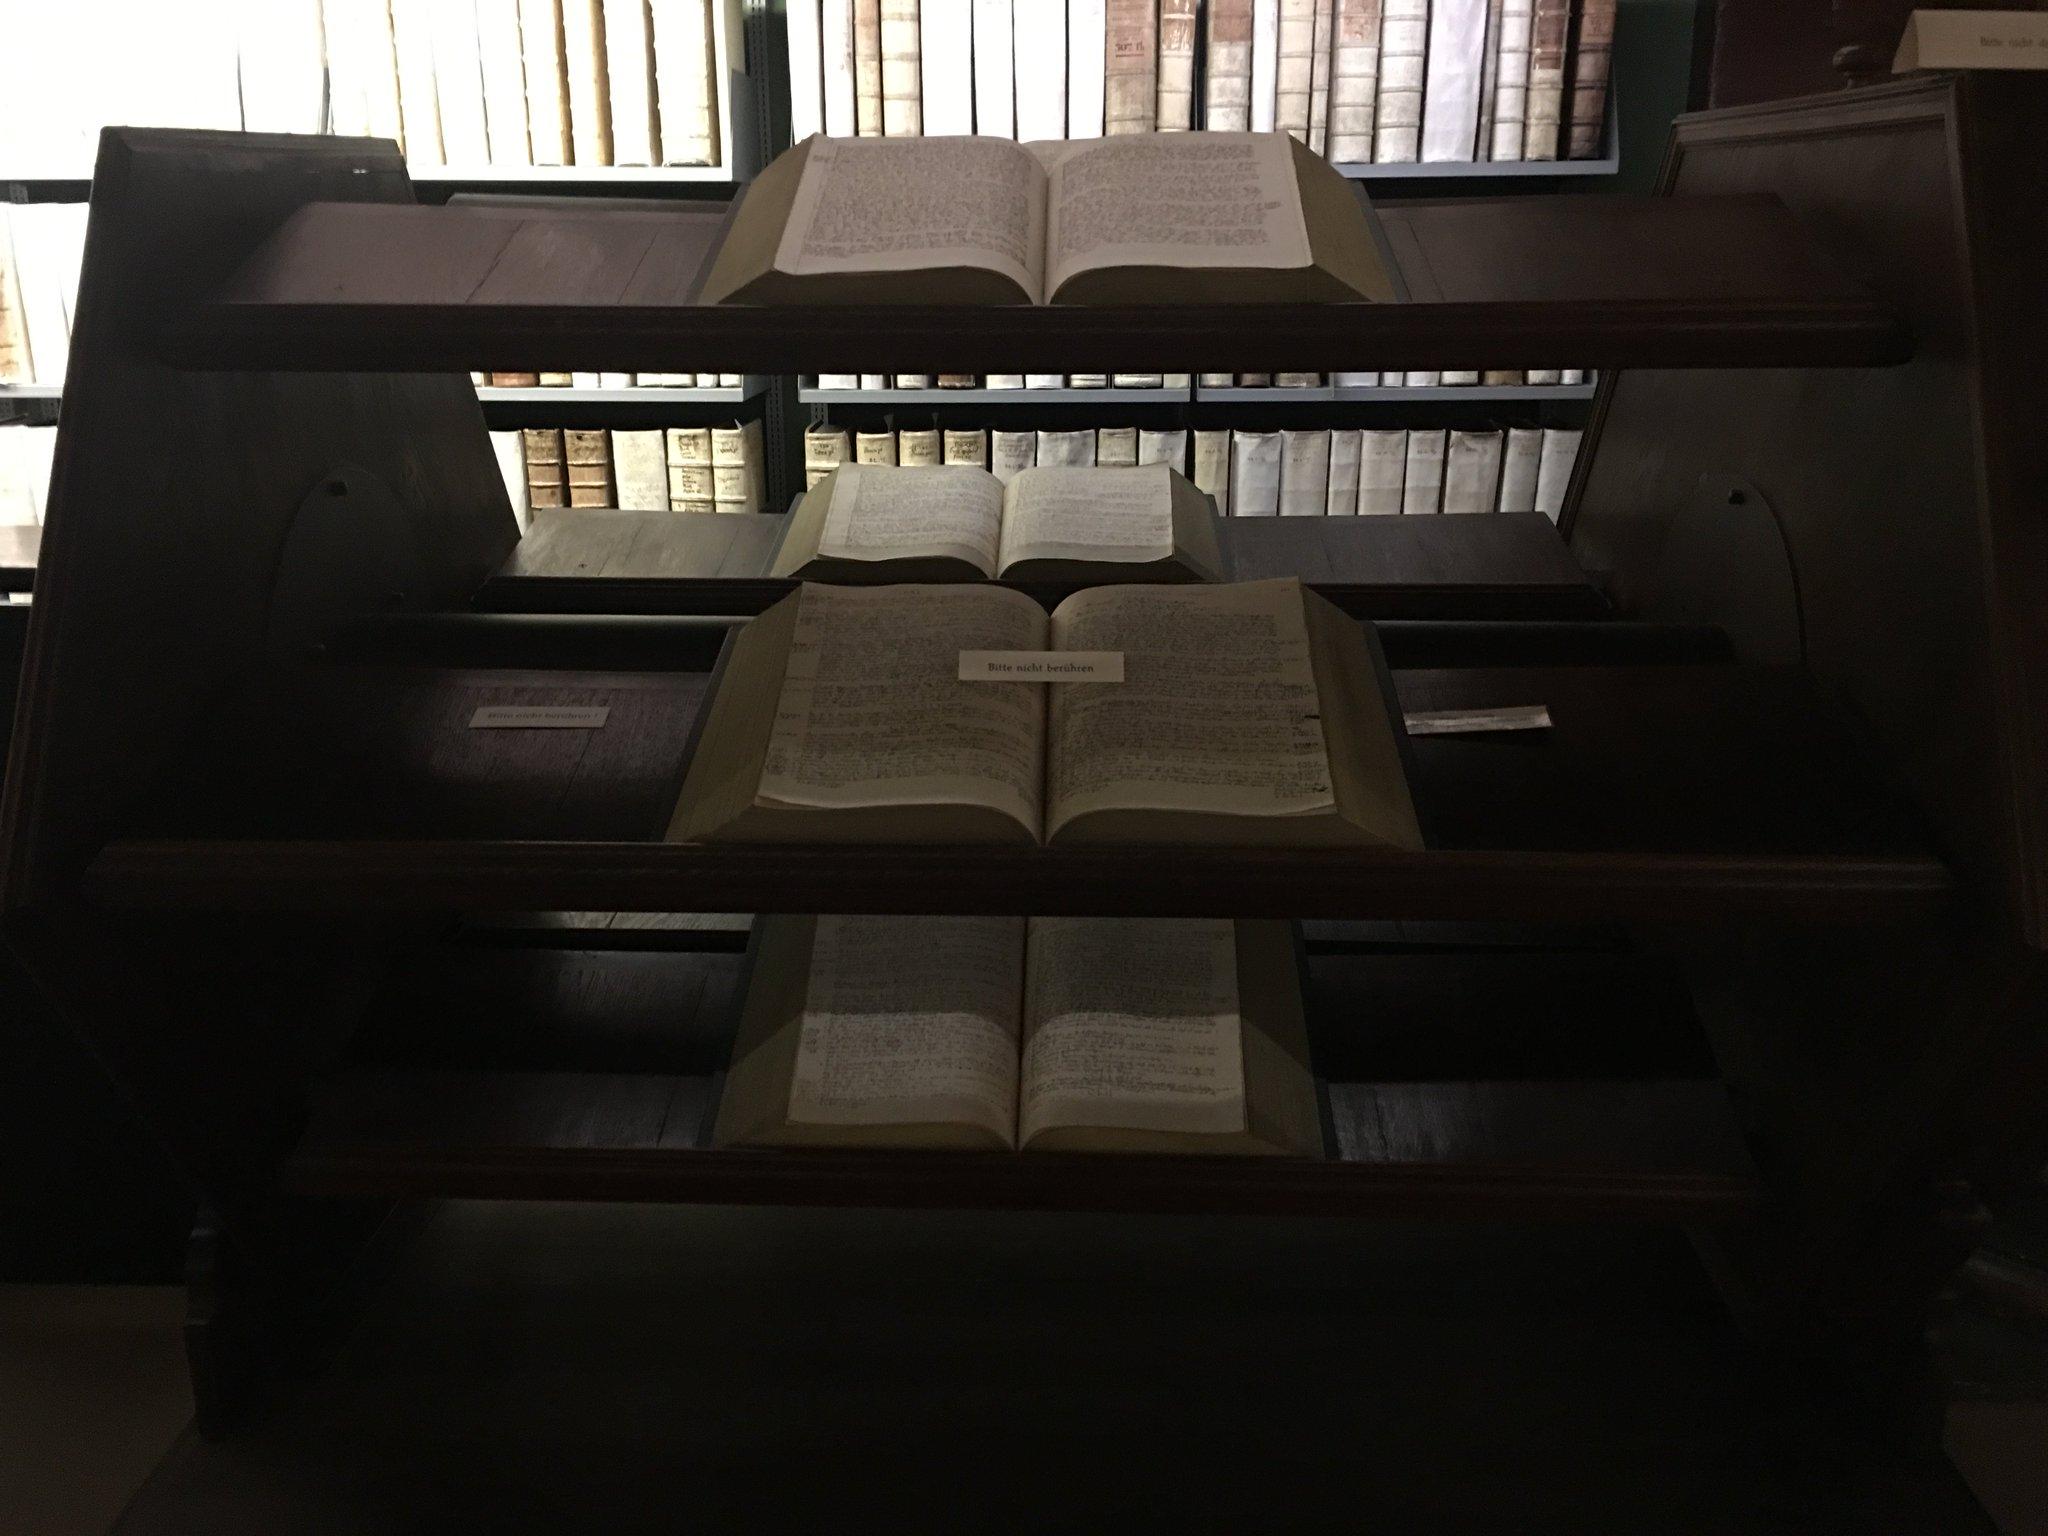 16irgendwas hat man schon im Stehen gearbeitet. Am Bücherrolltisch #meurers #echtlessig #buch https://t.co/FYSfWHXGg3